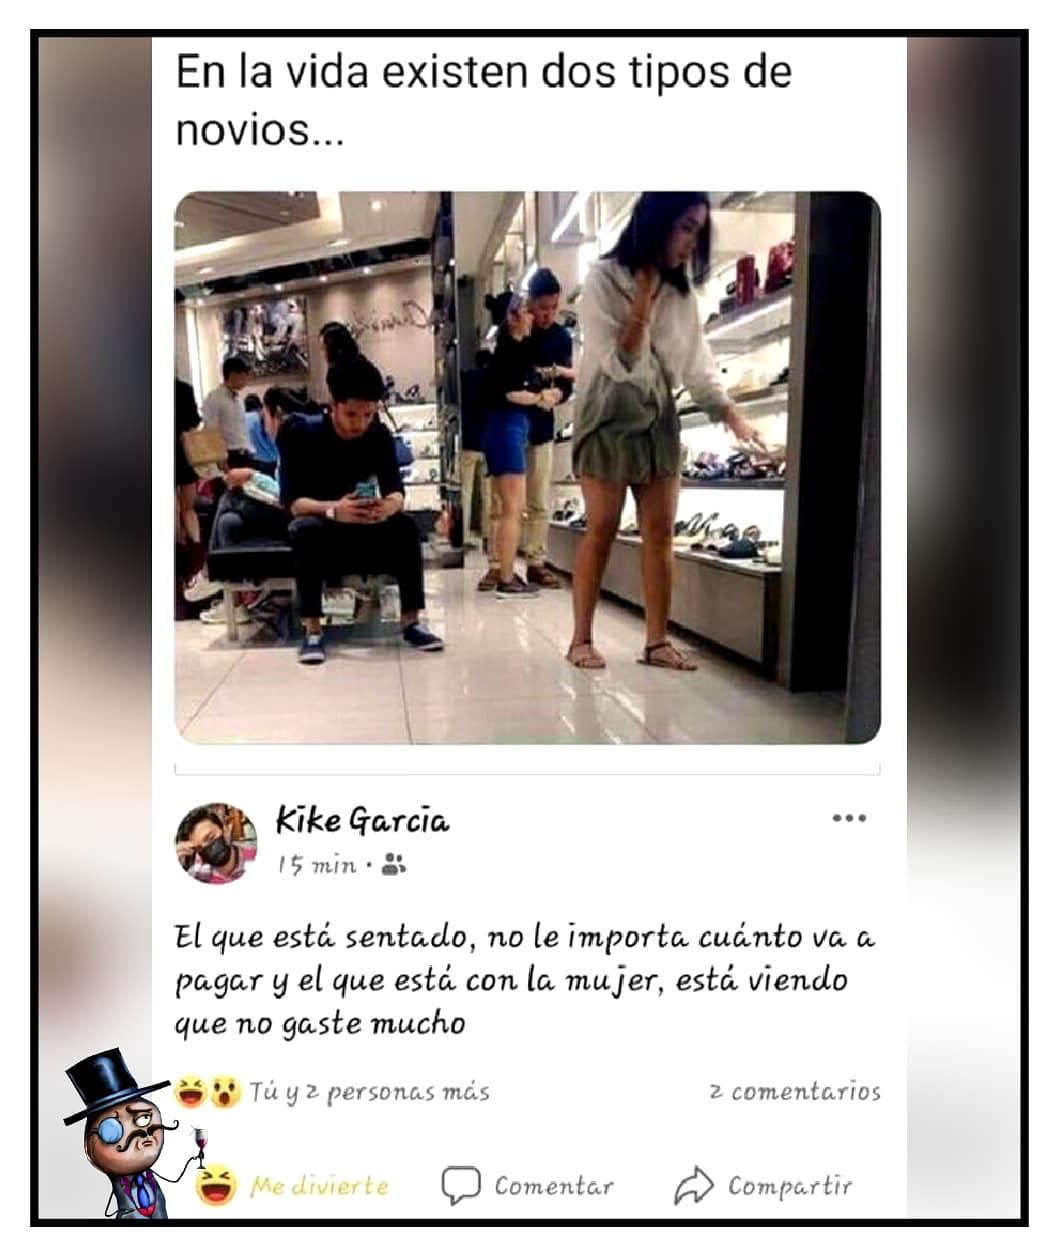 En la vida existen dos tipos de novios...   kike García: El que está sentado, no le importa cuánto va a pagar. Y el que está con la mujer, está viendo que no gaste mucho.